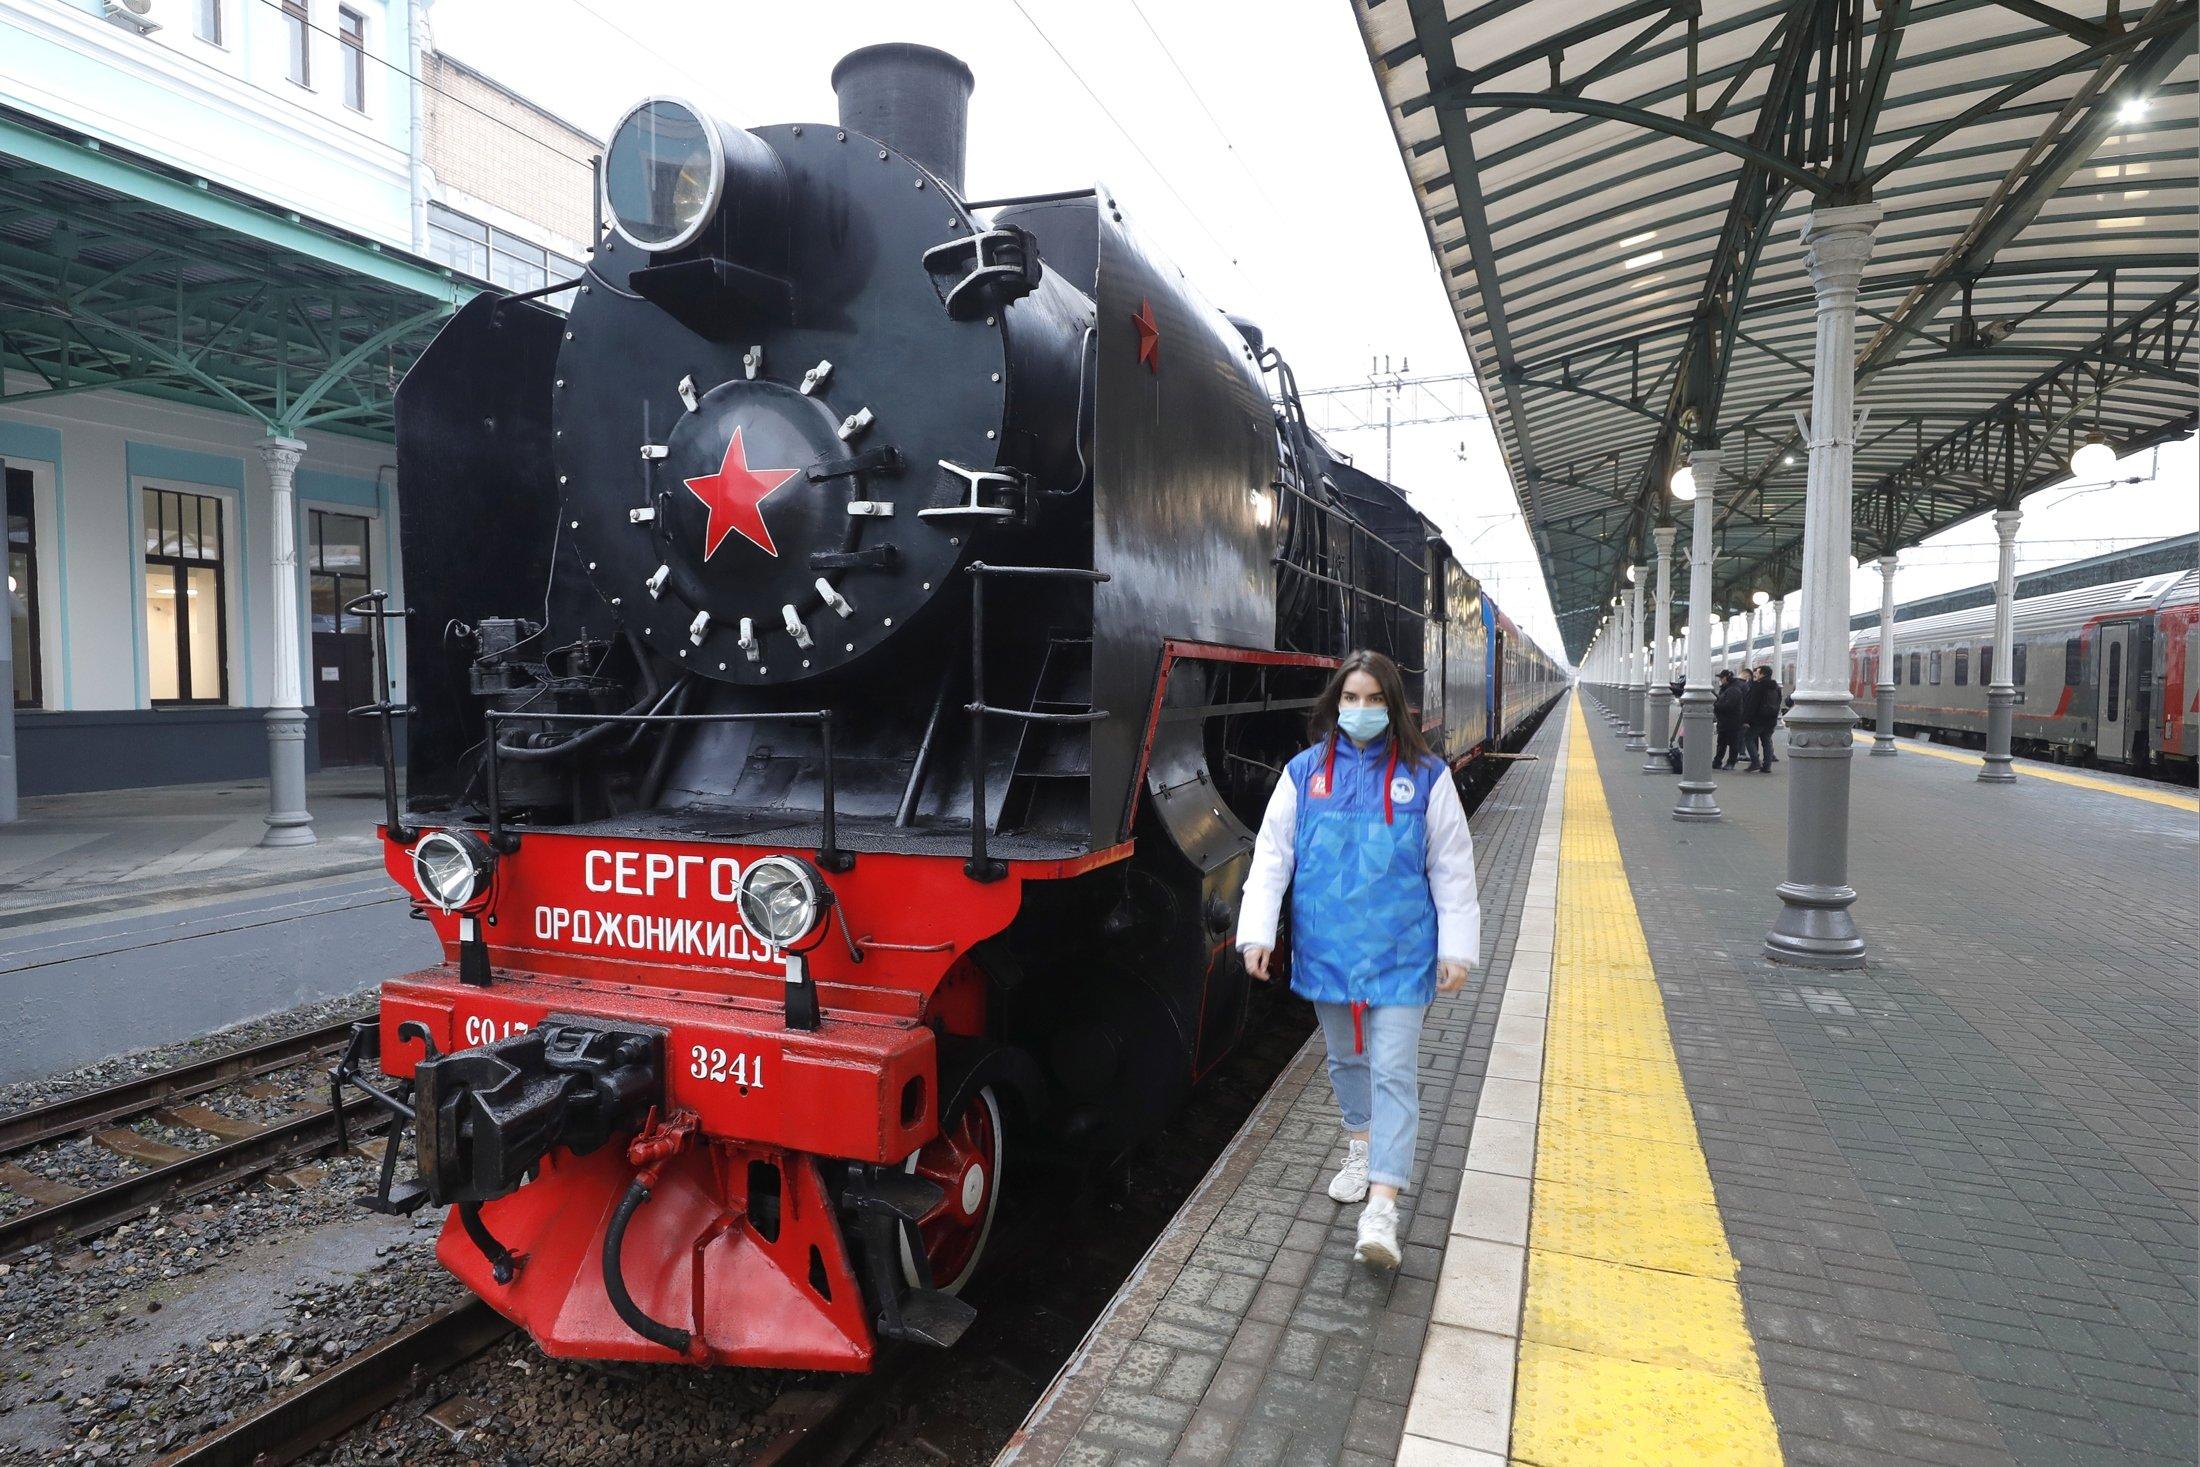 Поезд Победы прибыл в Севастополь